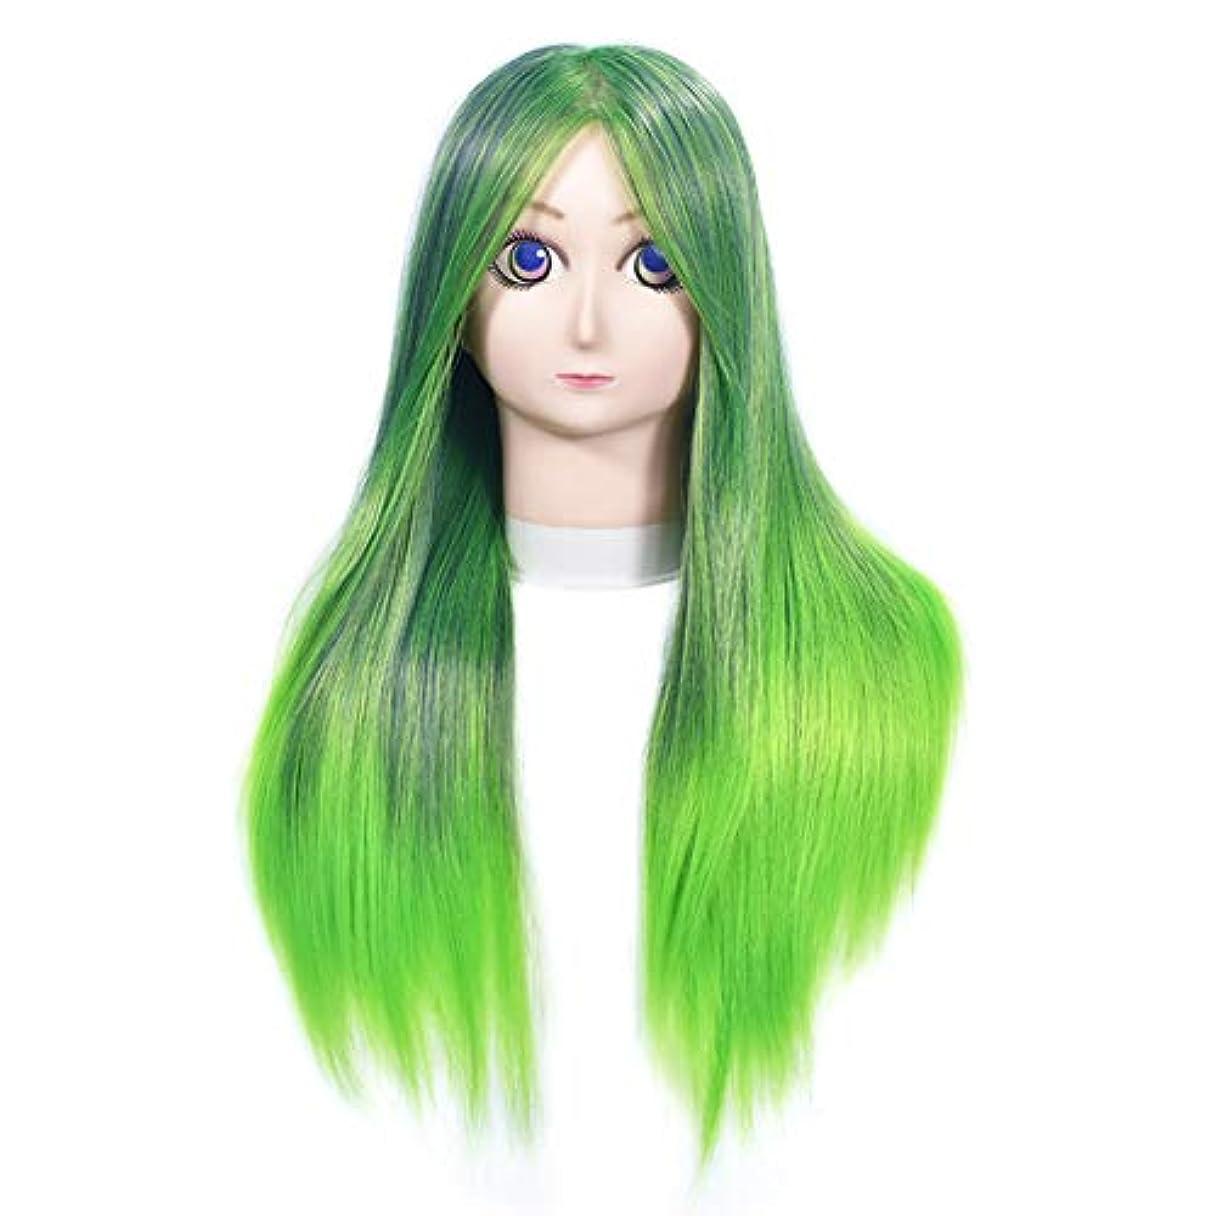 月曜戸棚良性高温シルクヘアスタイリングモデルヘッド女性モデルヘッドティーチングヘッド理髪店編組髪染め学習ダミーヘッド,gradientgreen